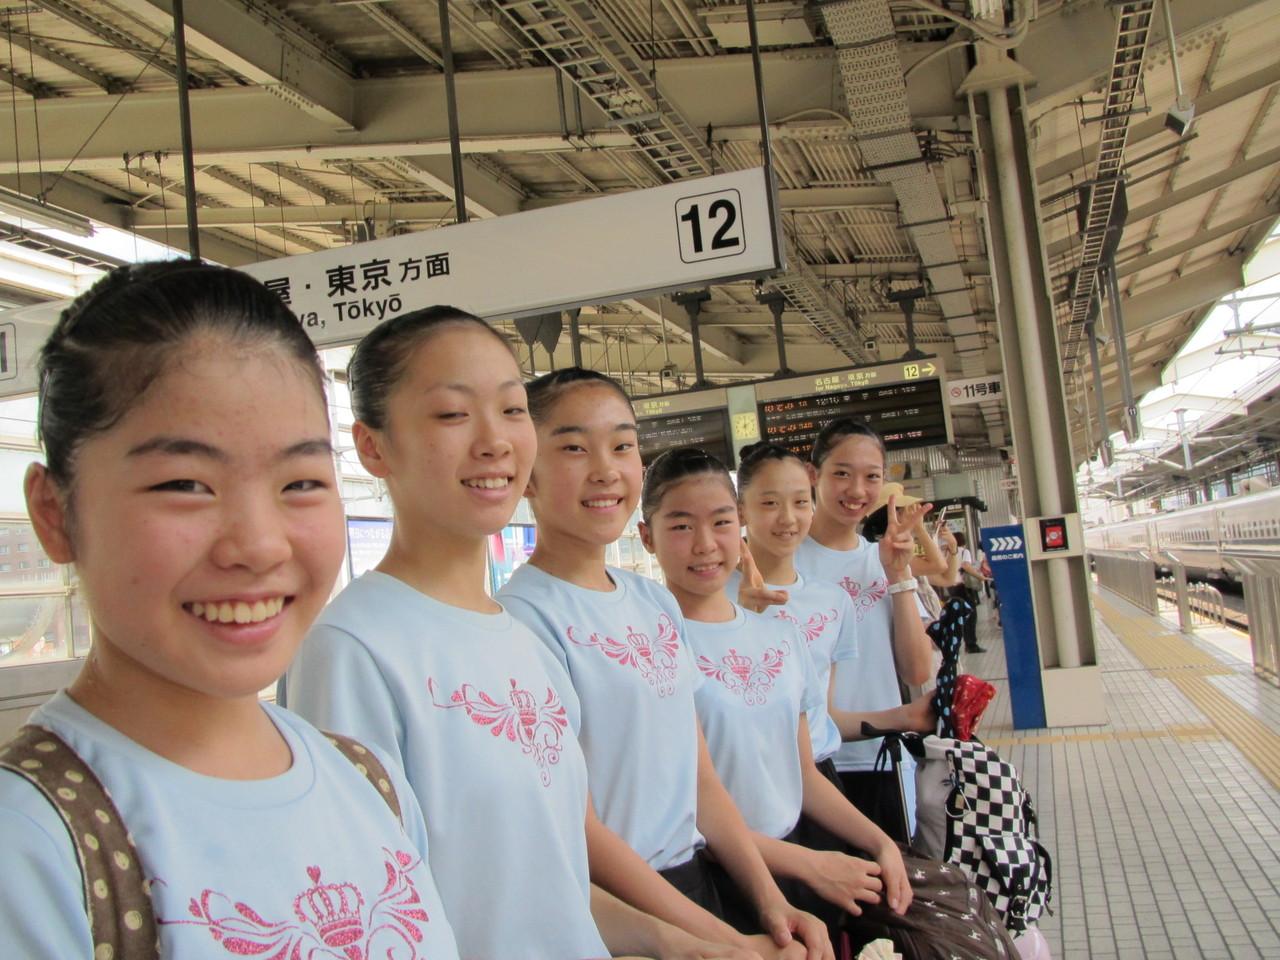 8月19日 東京へ出発 京都駅新幹線ホーム